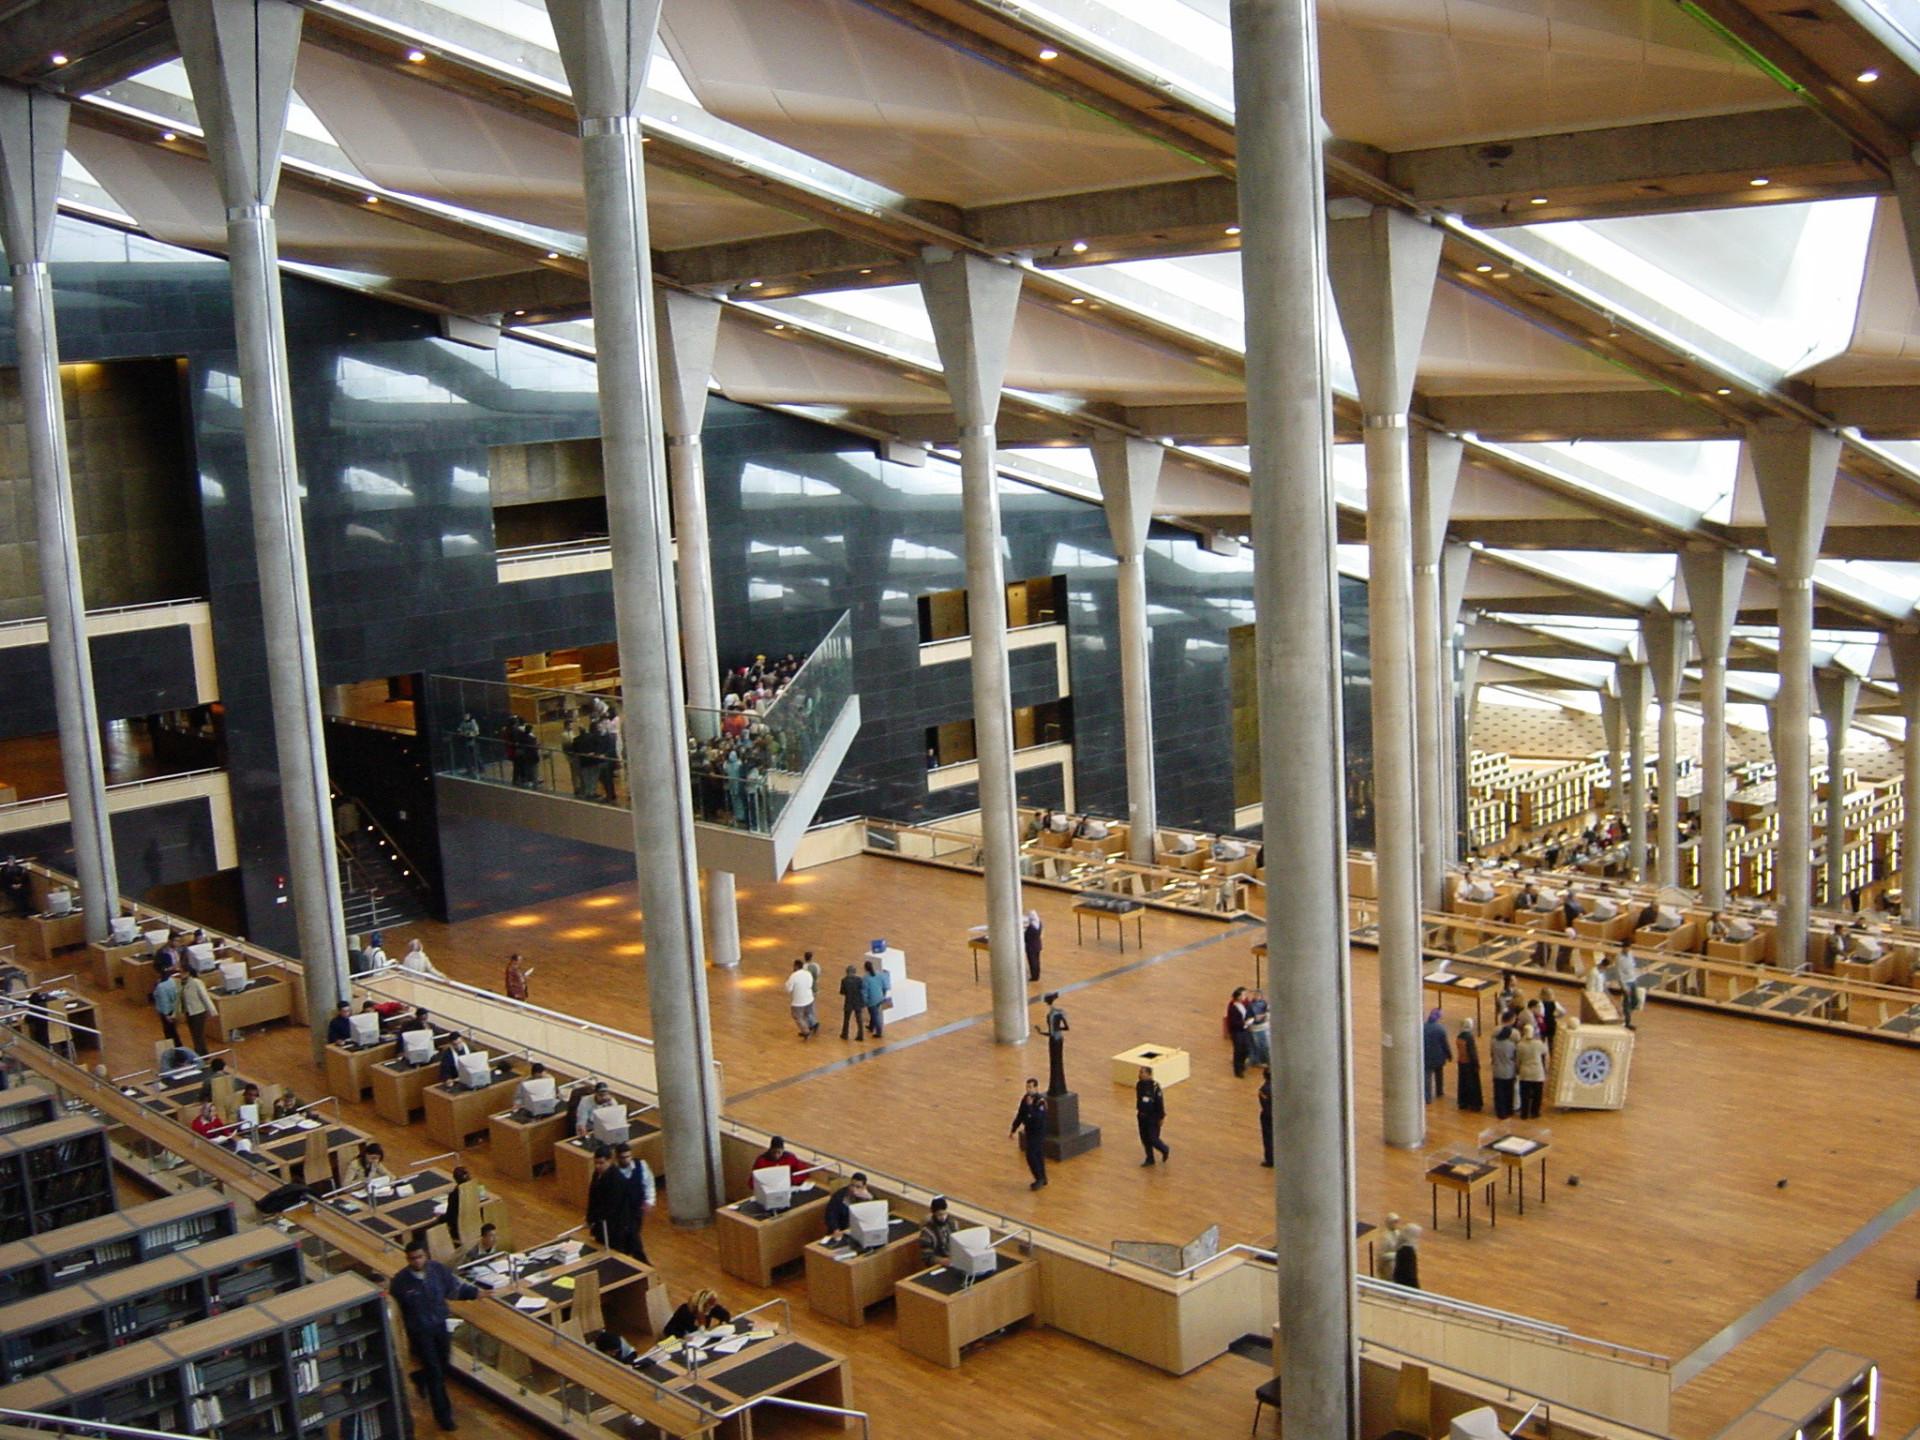 As mais belas bibliotecas do mundo